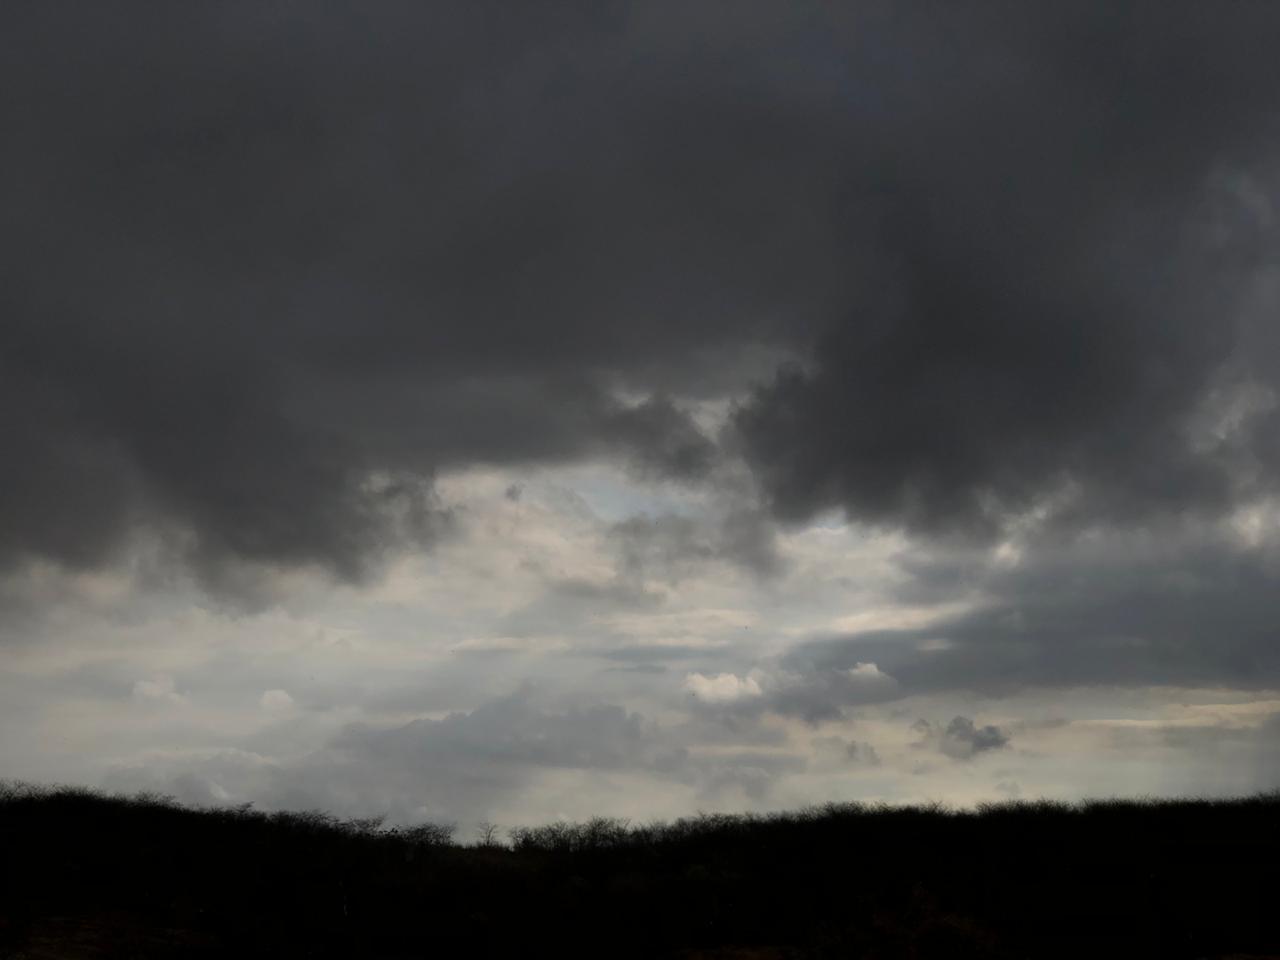 Cariri e o litoral de Fortaleza estavam sob previsão nesta quarta (FOTO: Marciel Bezerra))